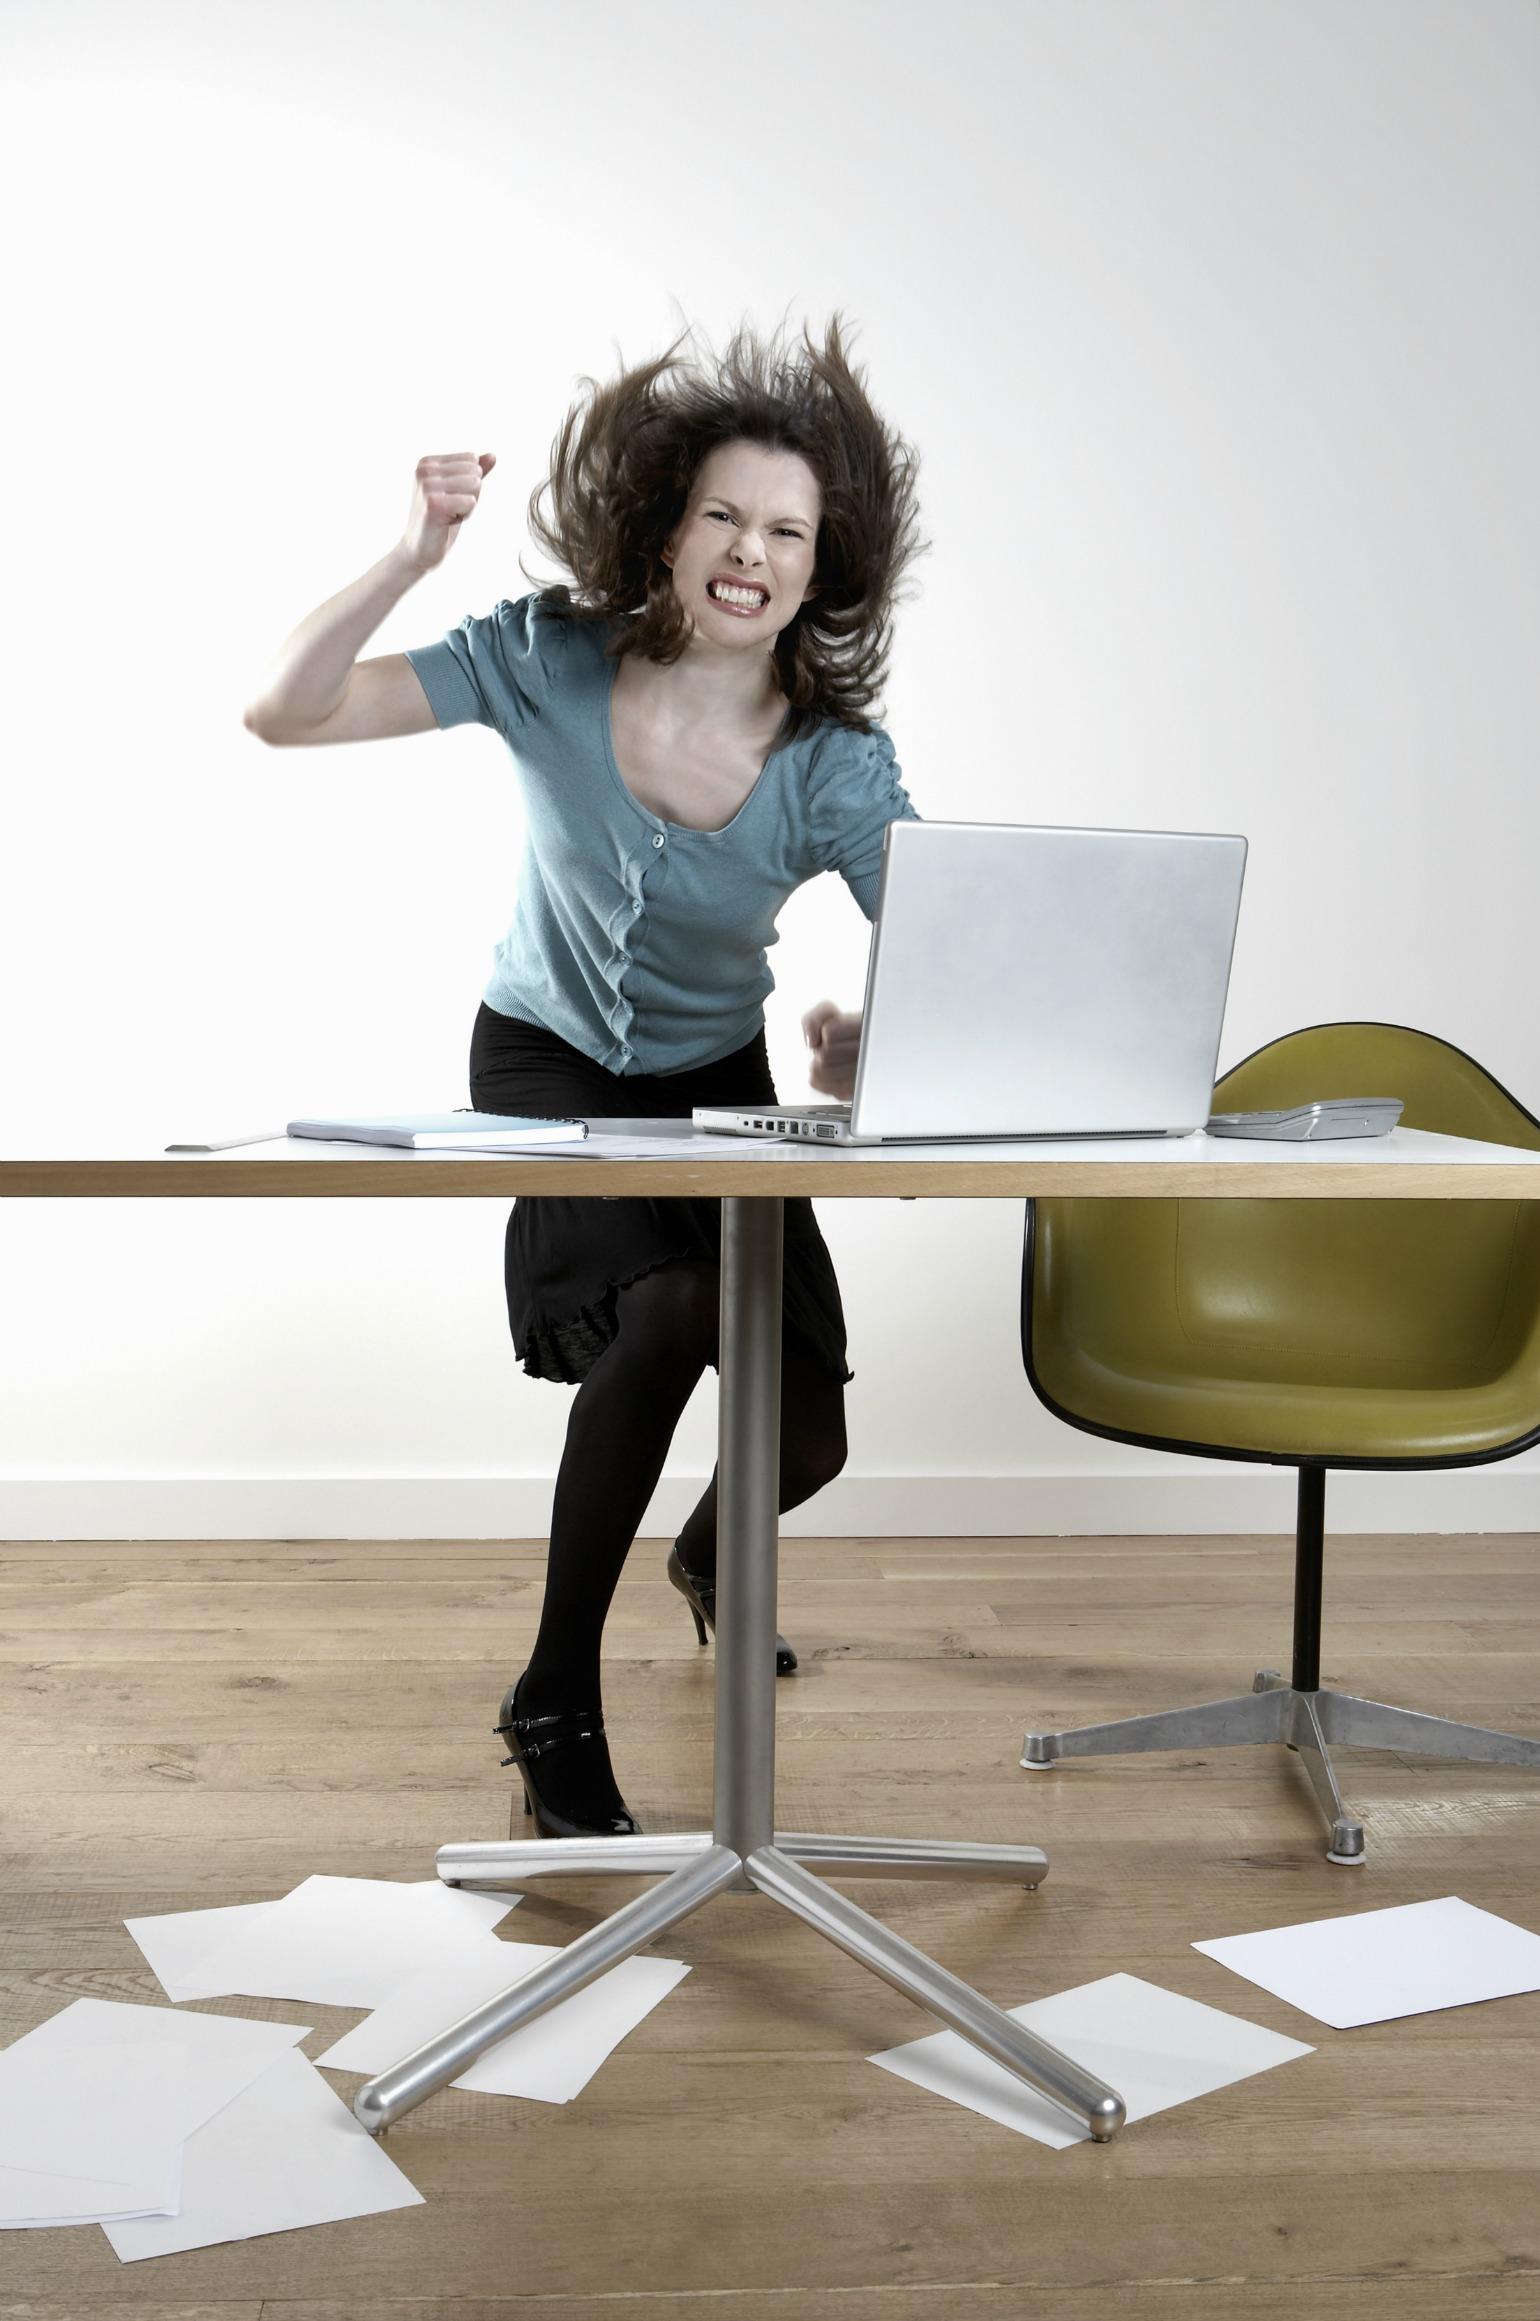 kvinde, vred, computer, kontor, smadrer, banker, sur, gal, skrivebord, langsom computer